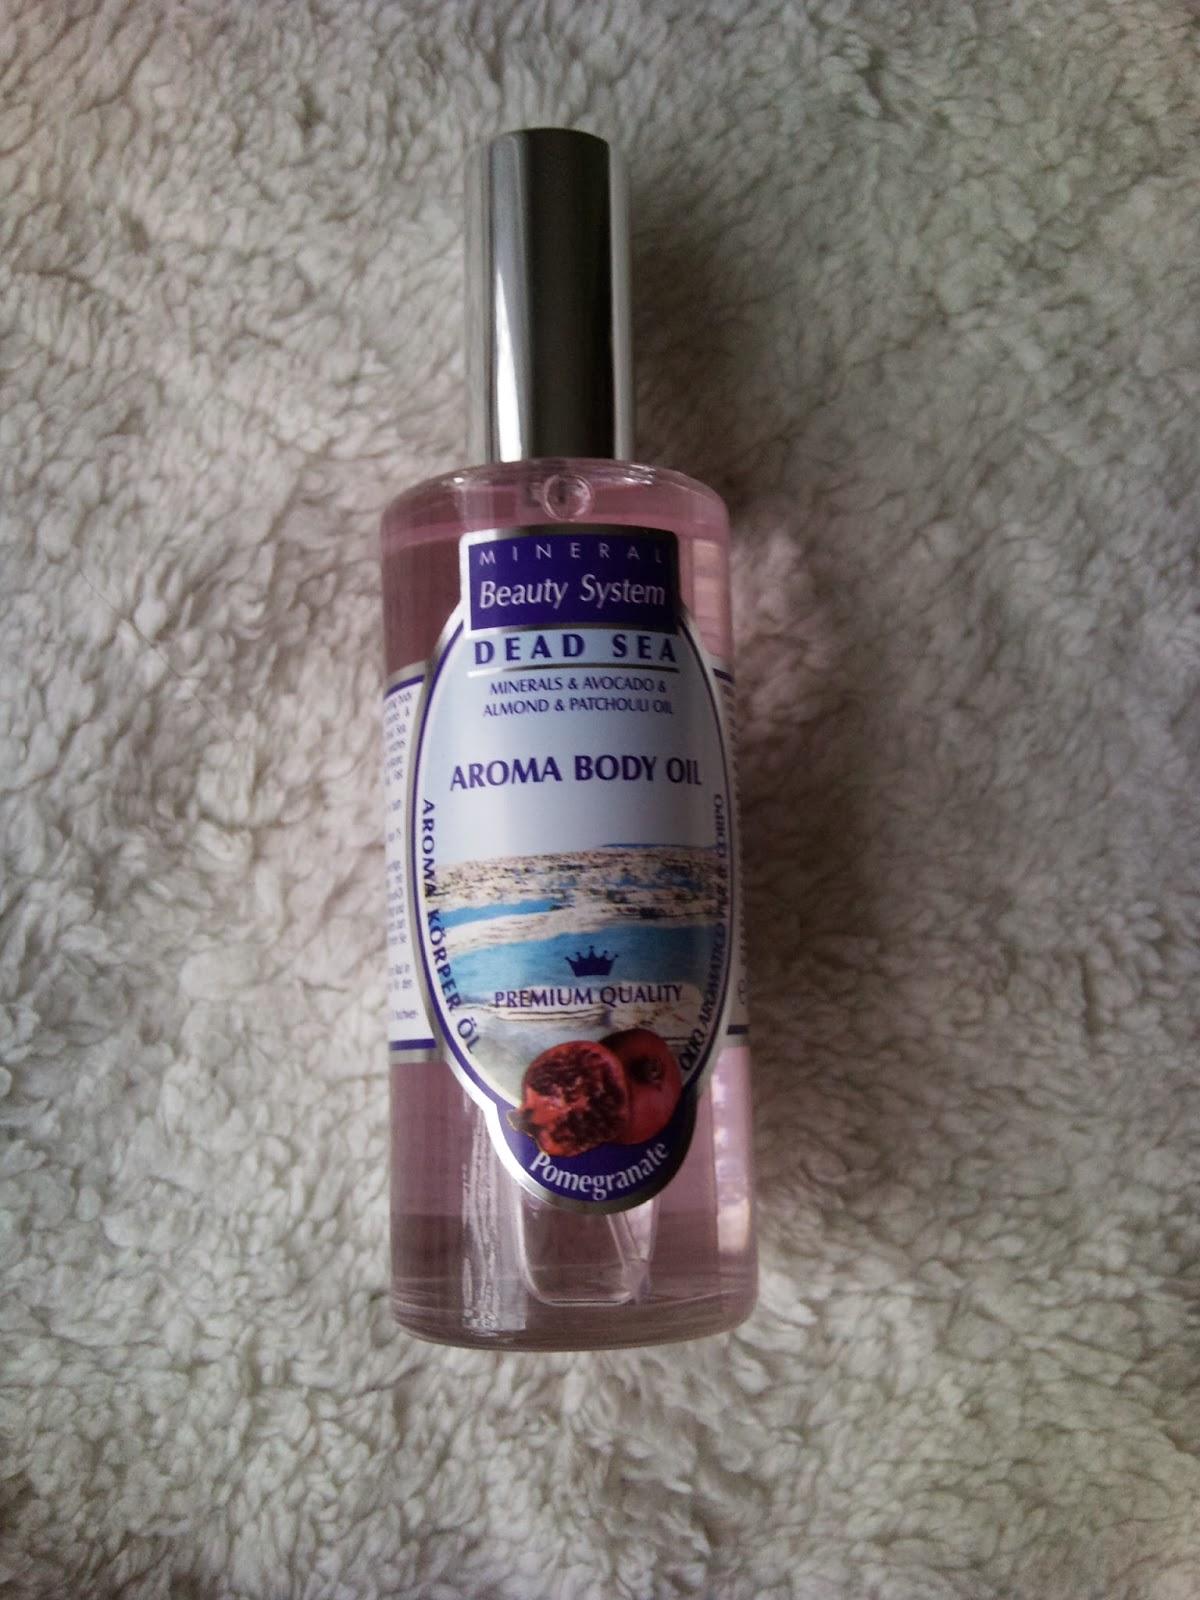 Aromatický telový olej Dead sea :)